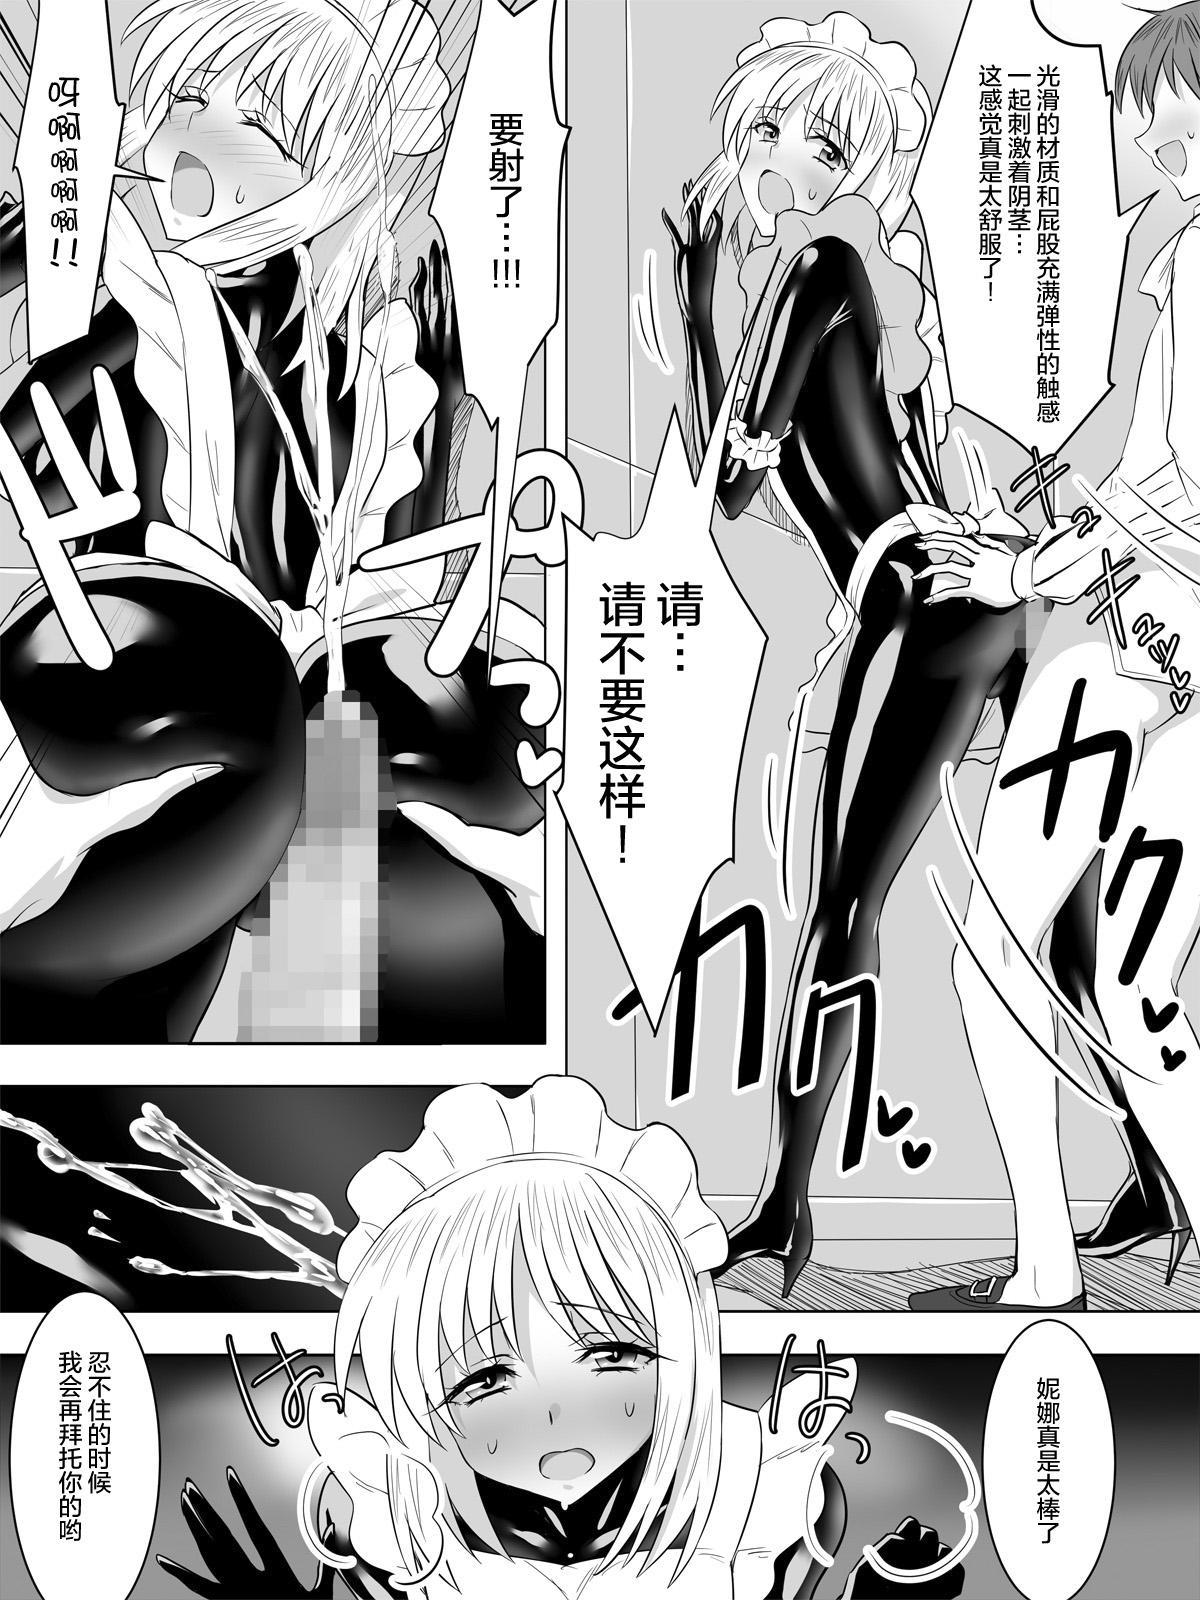 Picchiri Suit Maid to Doutei Kizoku 14